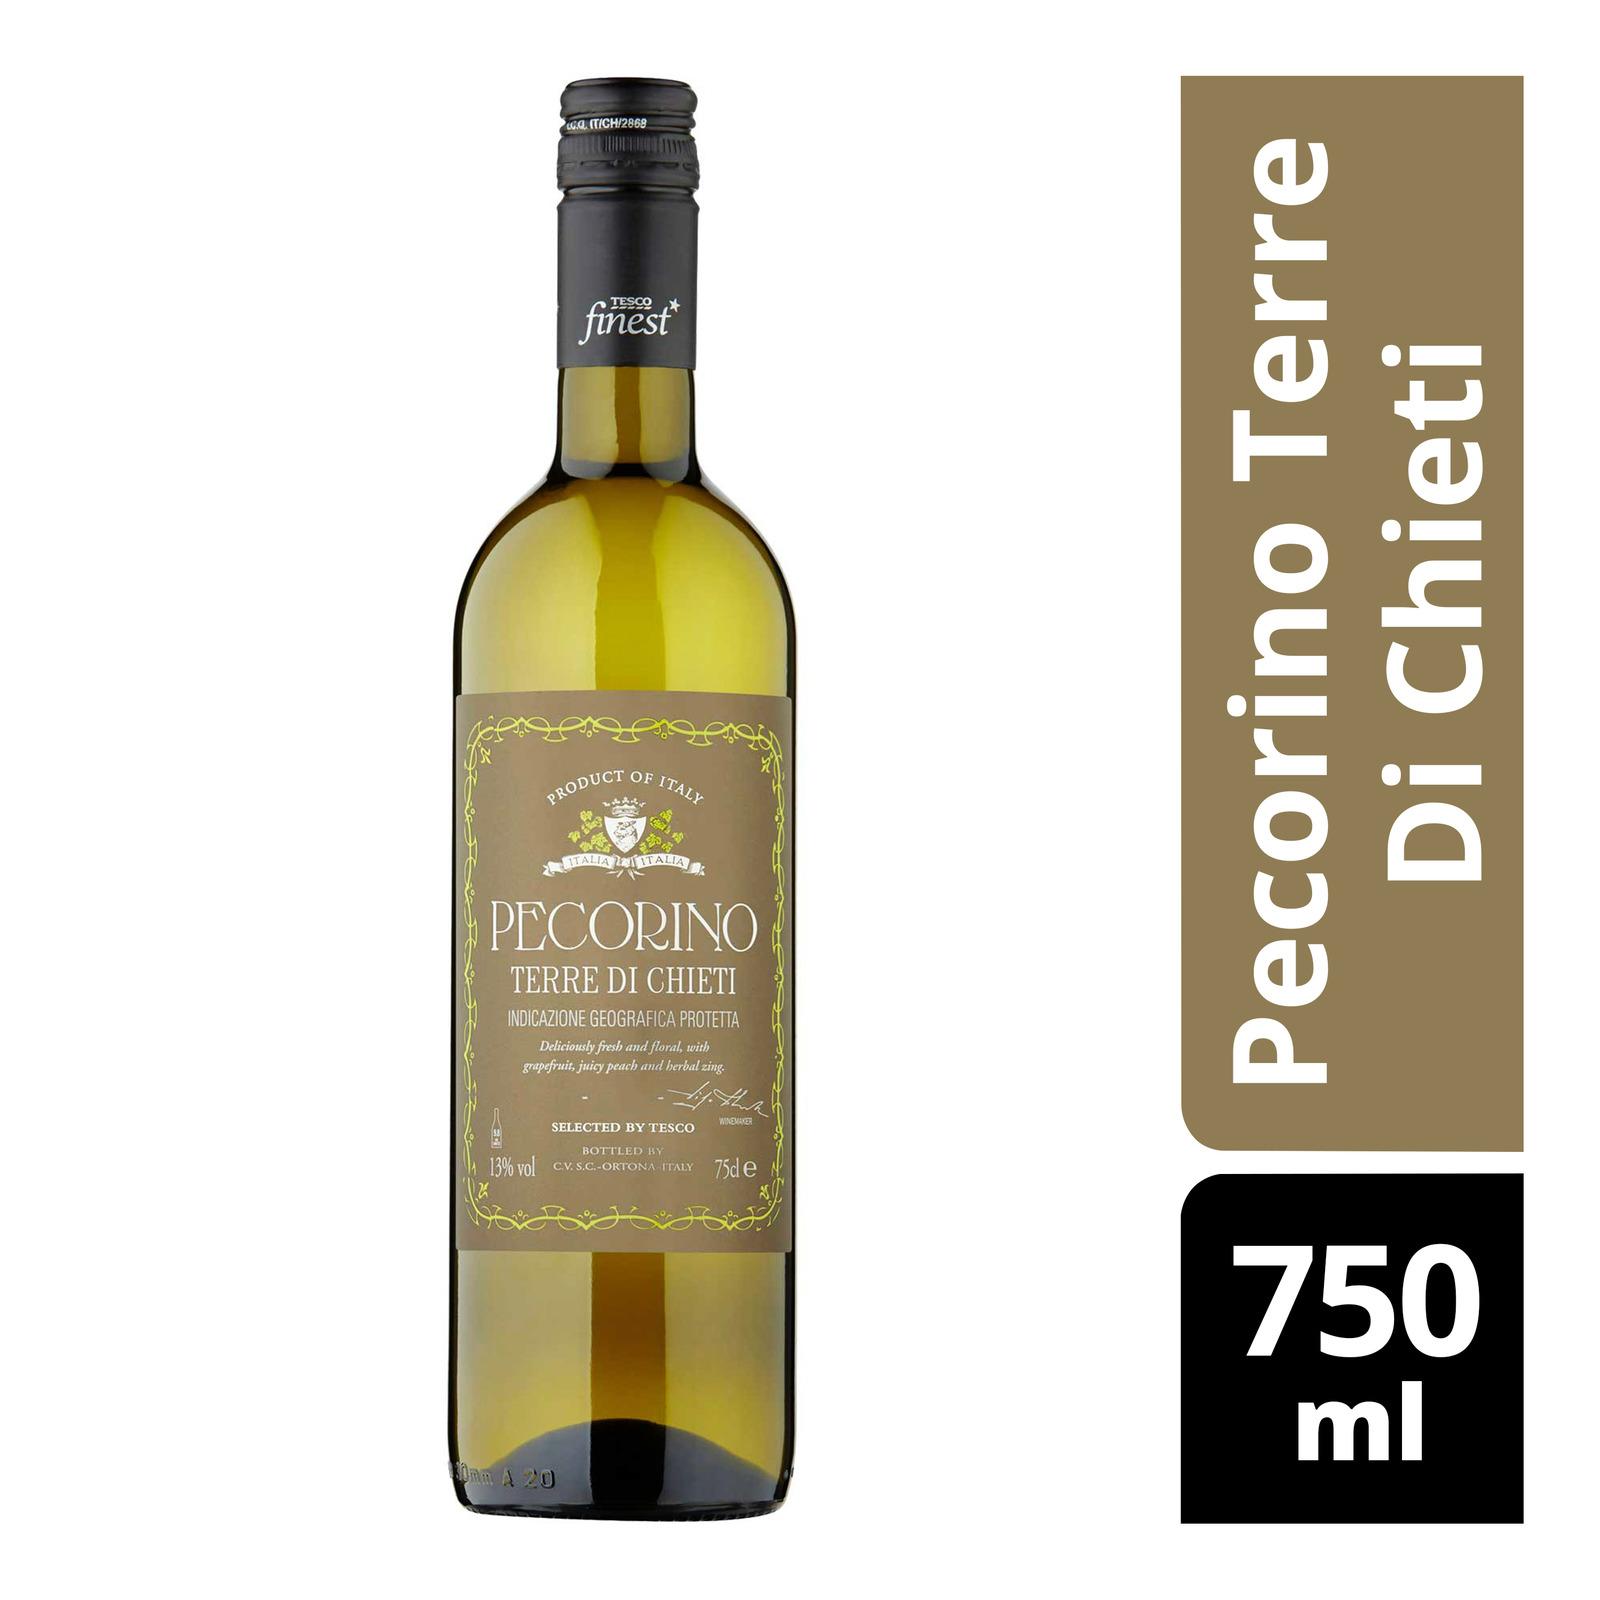 Tesco Finest White Wine - Pecorino Terre Di Chieti